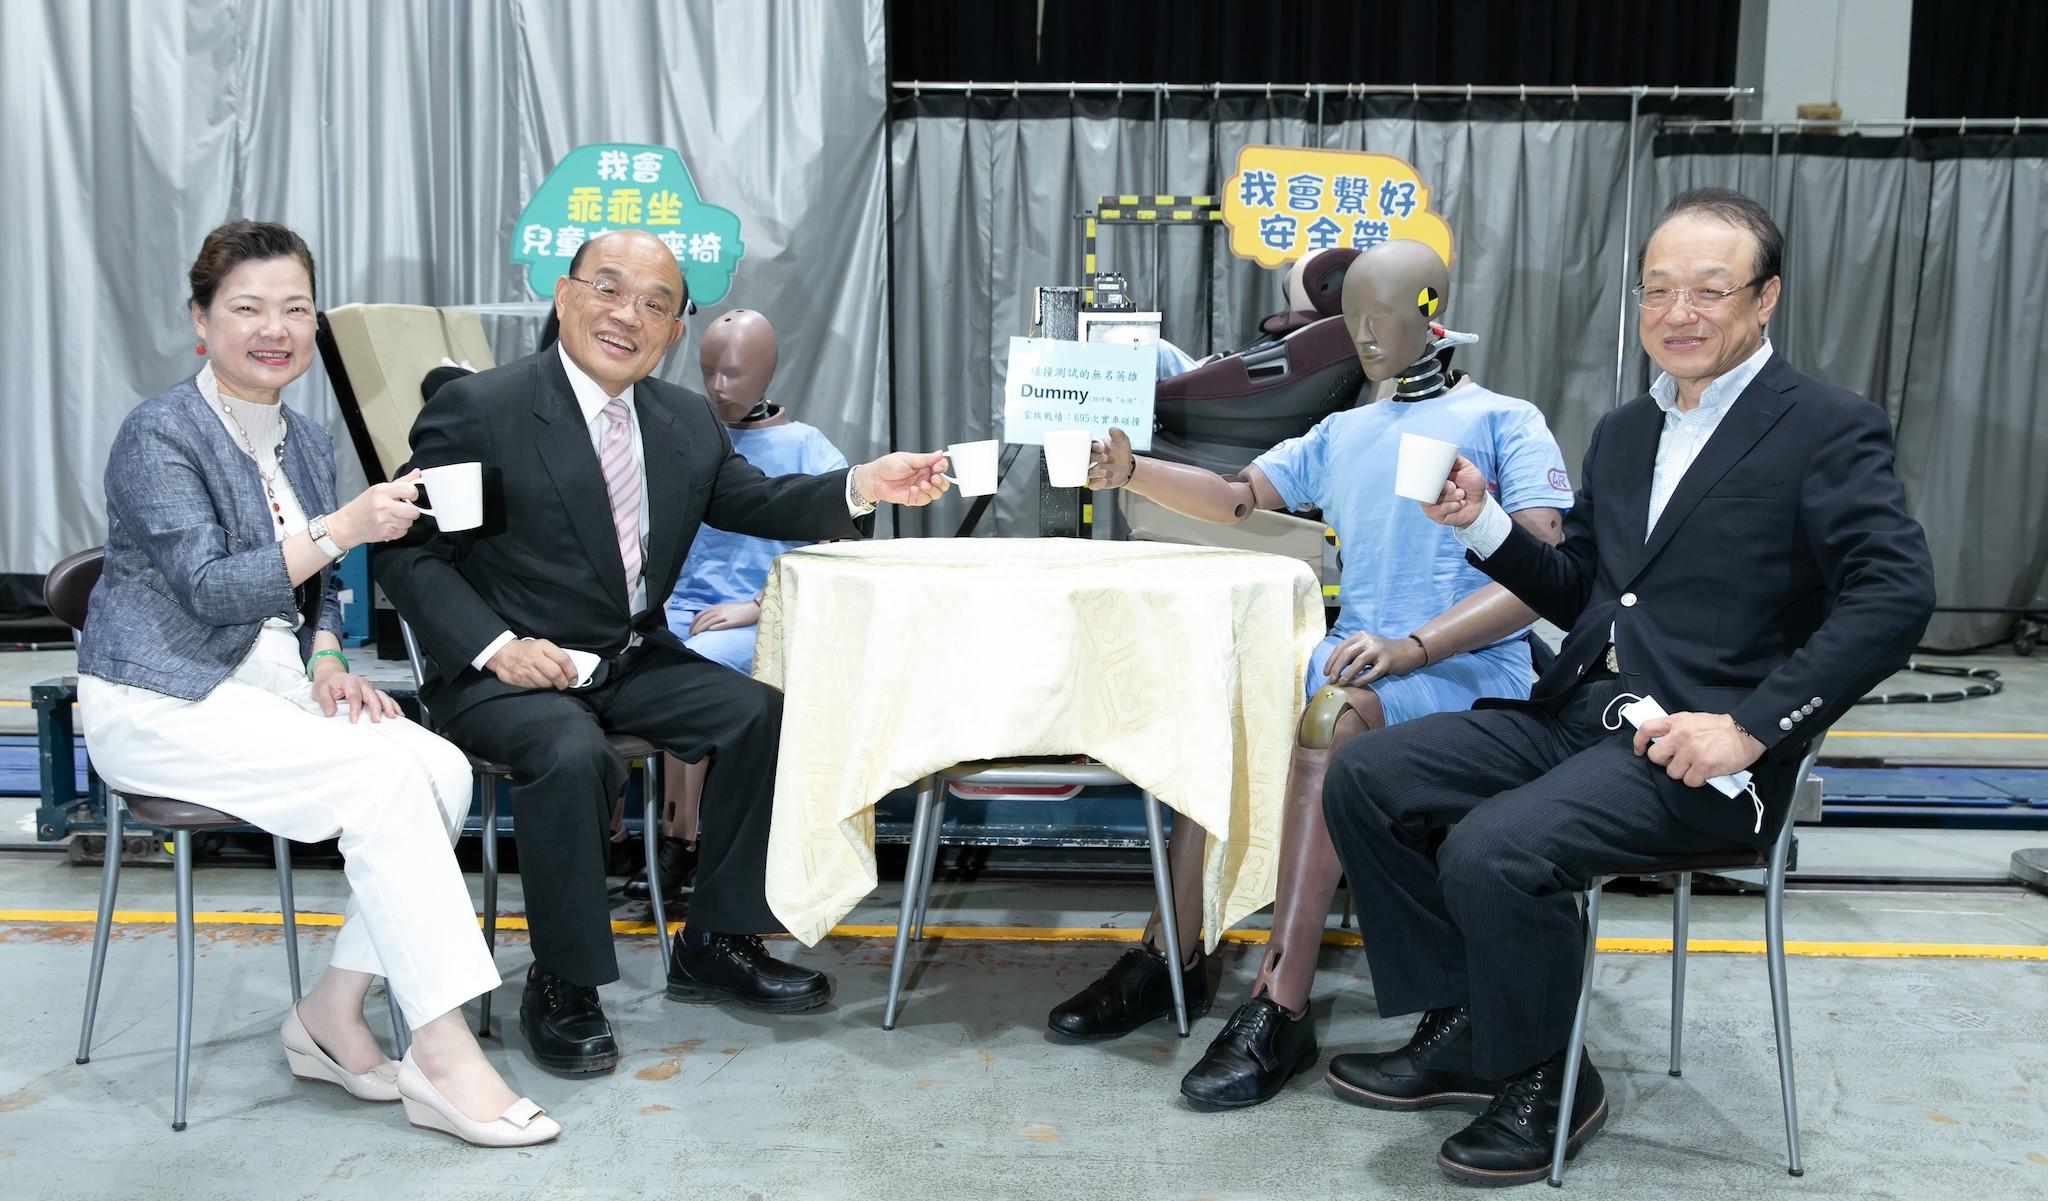 行政院長蘇貞昌(左二) 與經濟部長王美花(左一)參觀國內唯一碰撞實驗室,了解整車碰撞及臺灣新車安全評等(TNCAP)能量,與碰撞假人一起喝咖啡。